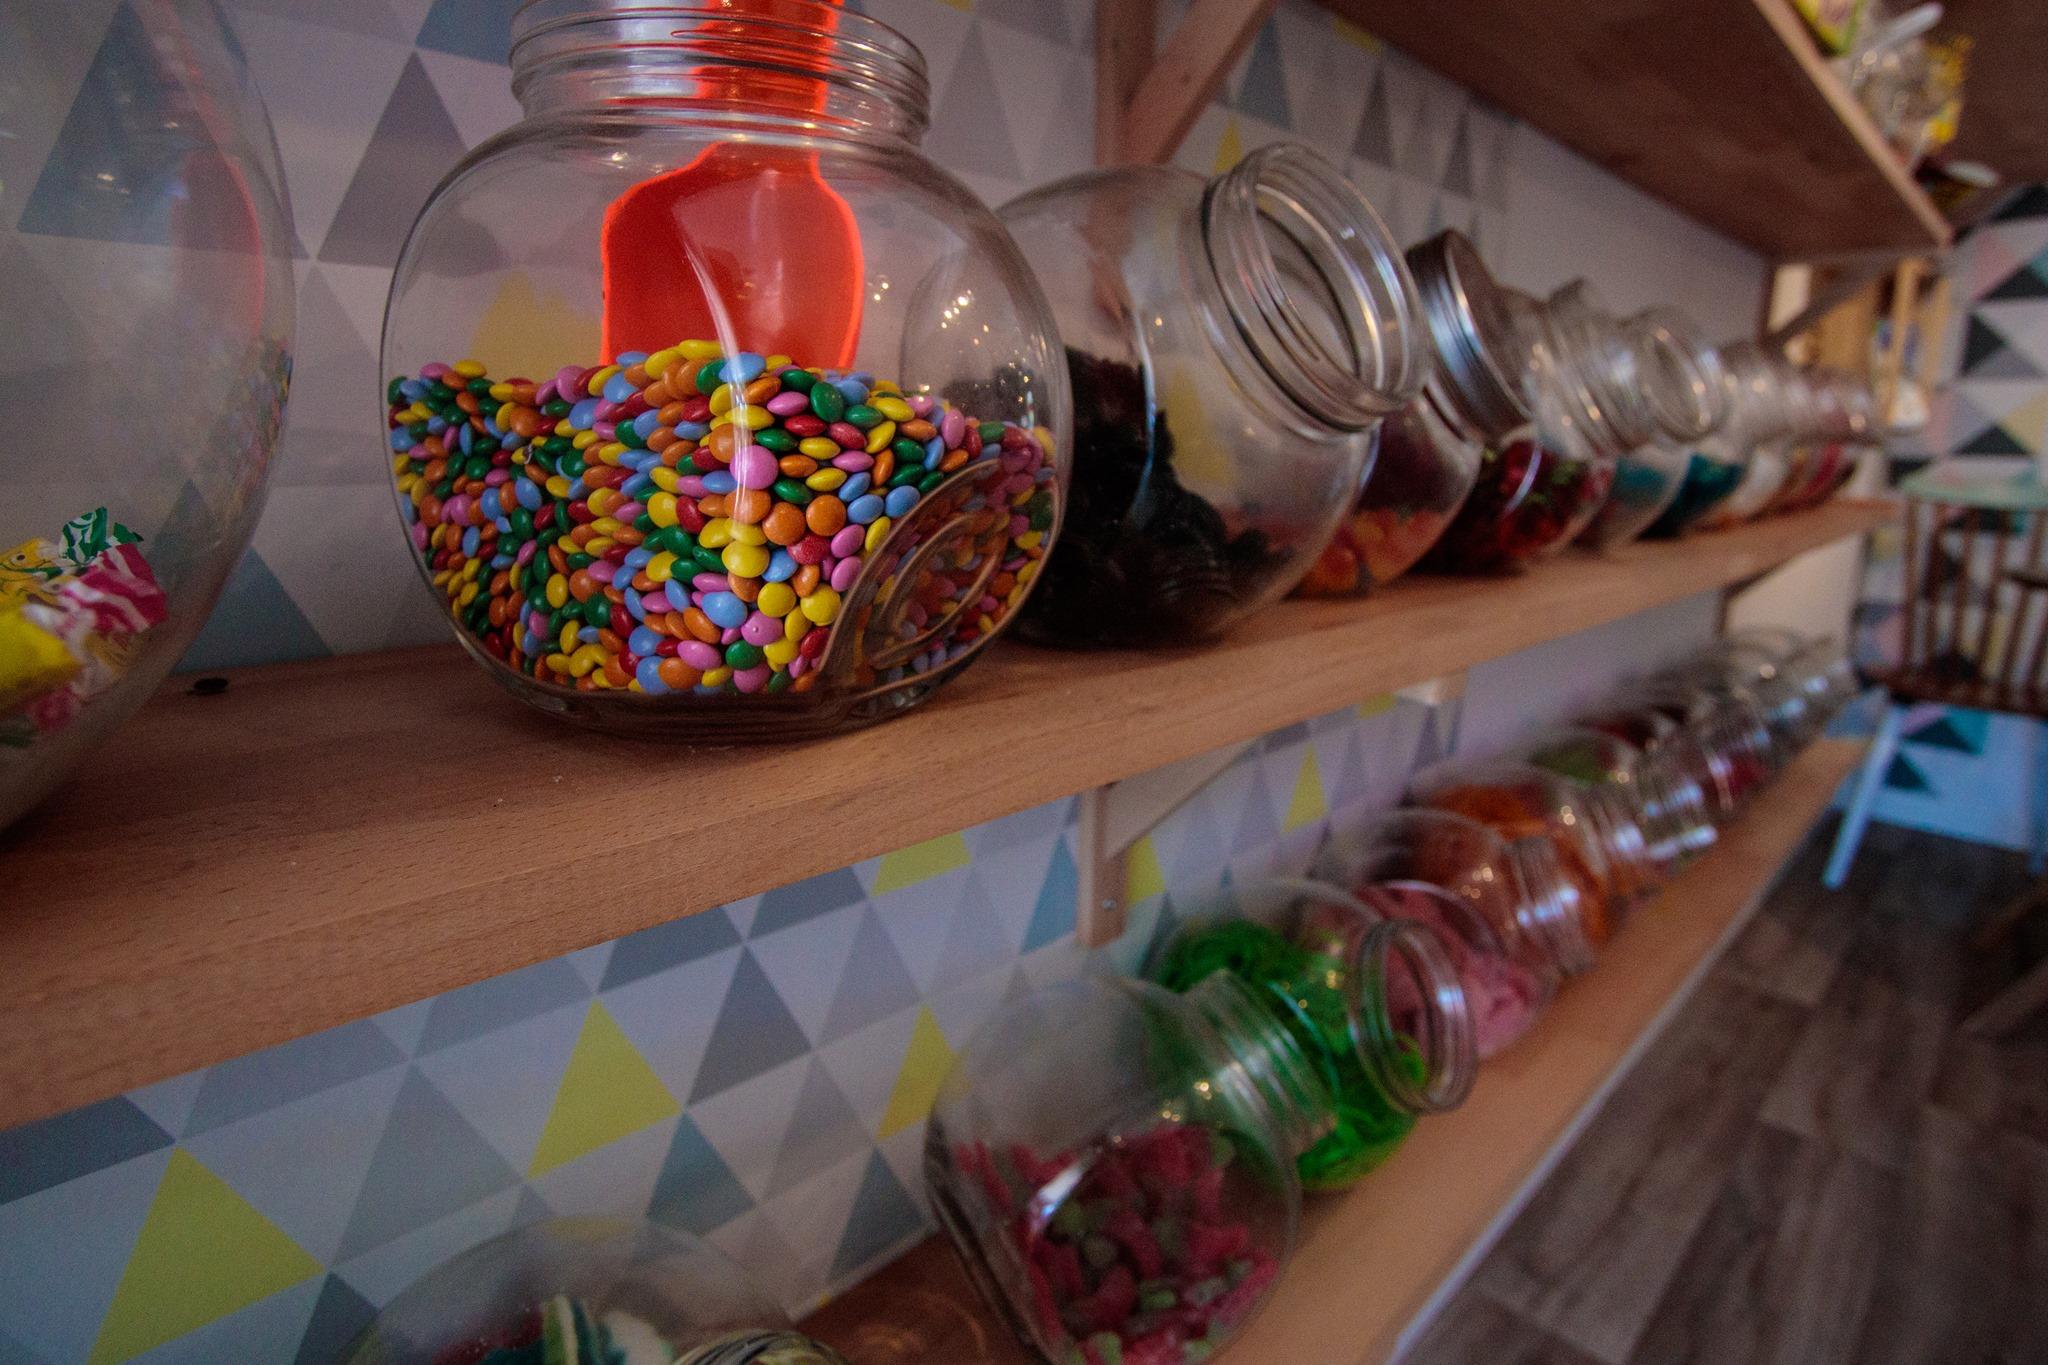 L'épicerie sucrée de Sauzon : bonbons, caramels de Groix, thés bio...